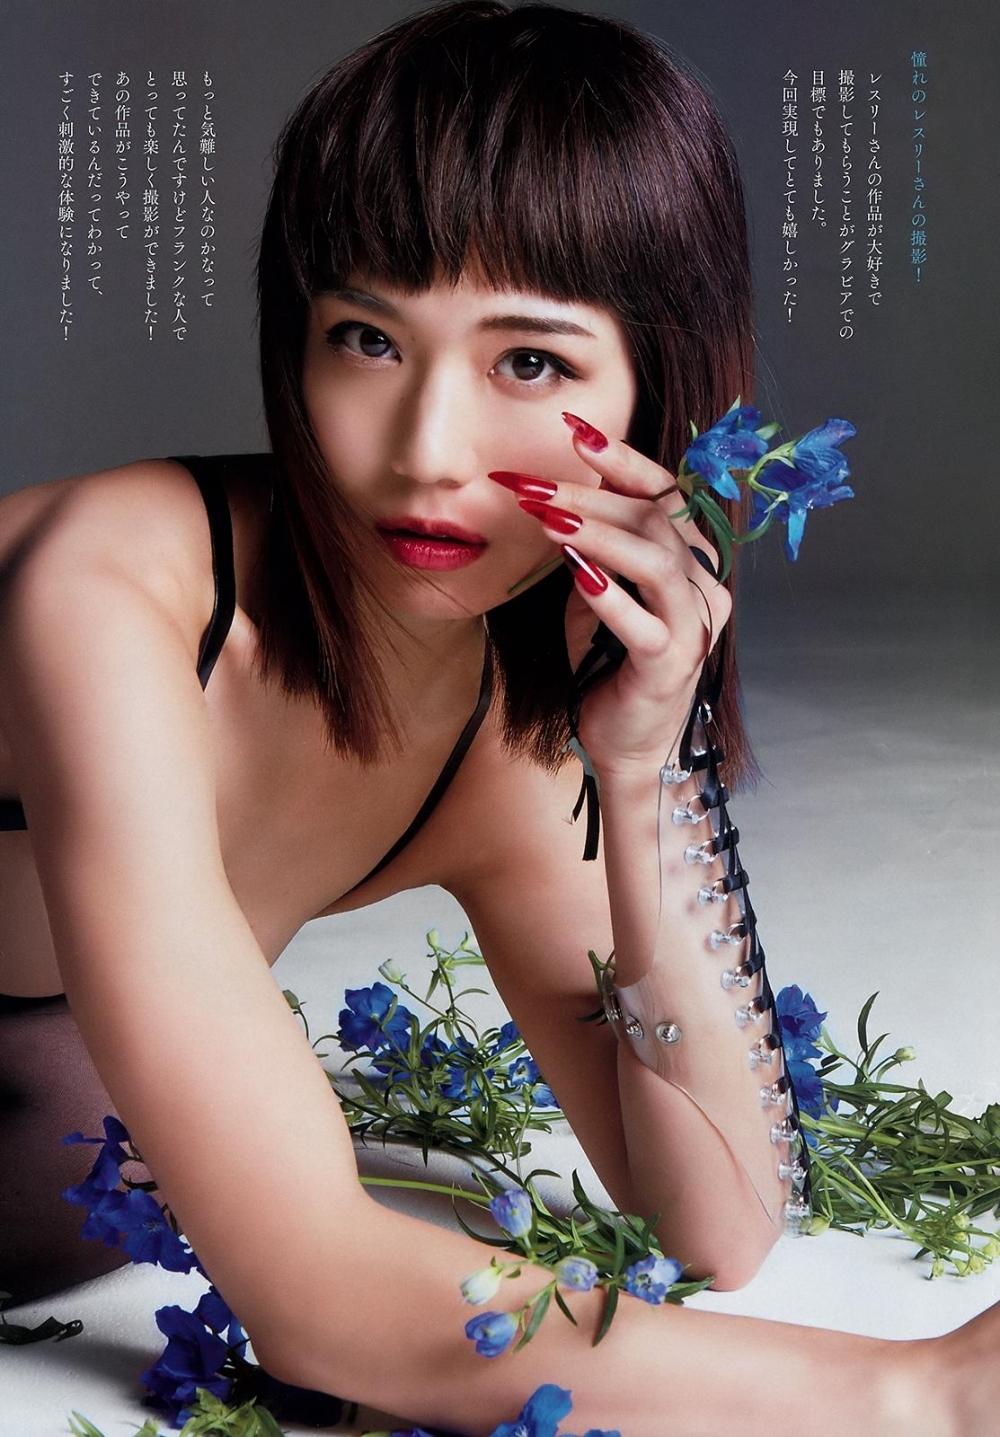 5IPZ-013古典美女泳池湿身内衣打扮妖娆性感写真